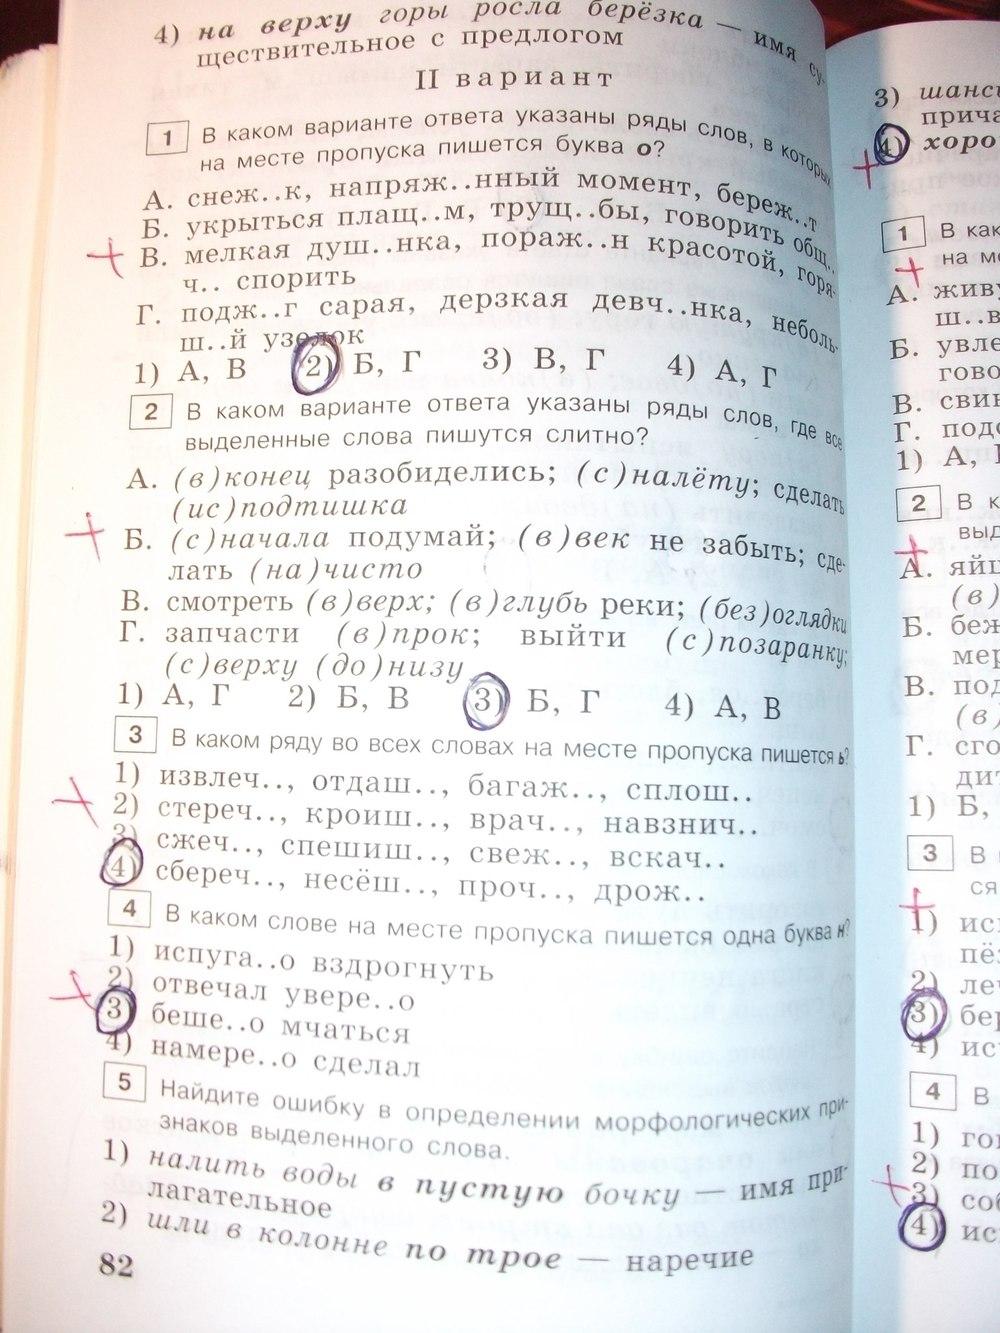 Гдз г.а богданова тестовые задания по русскому языку за 8 класс ответы